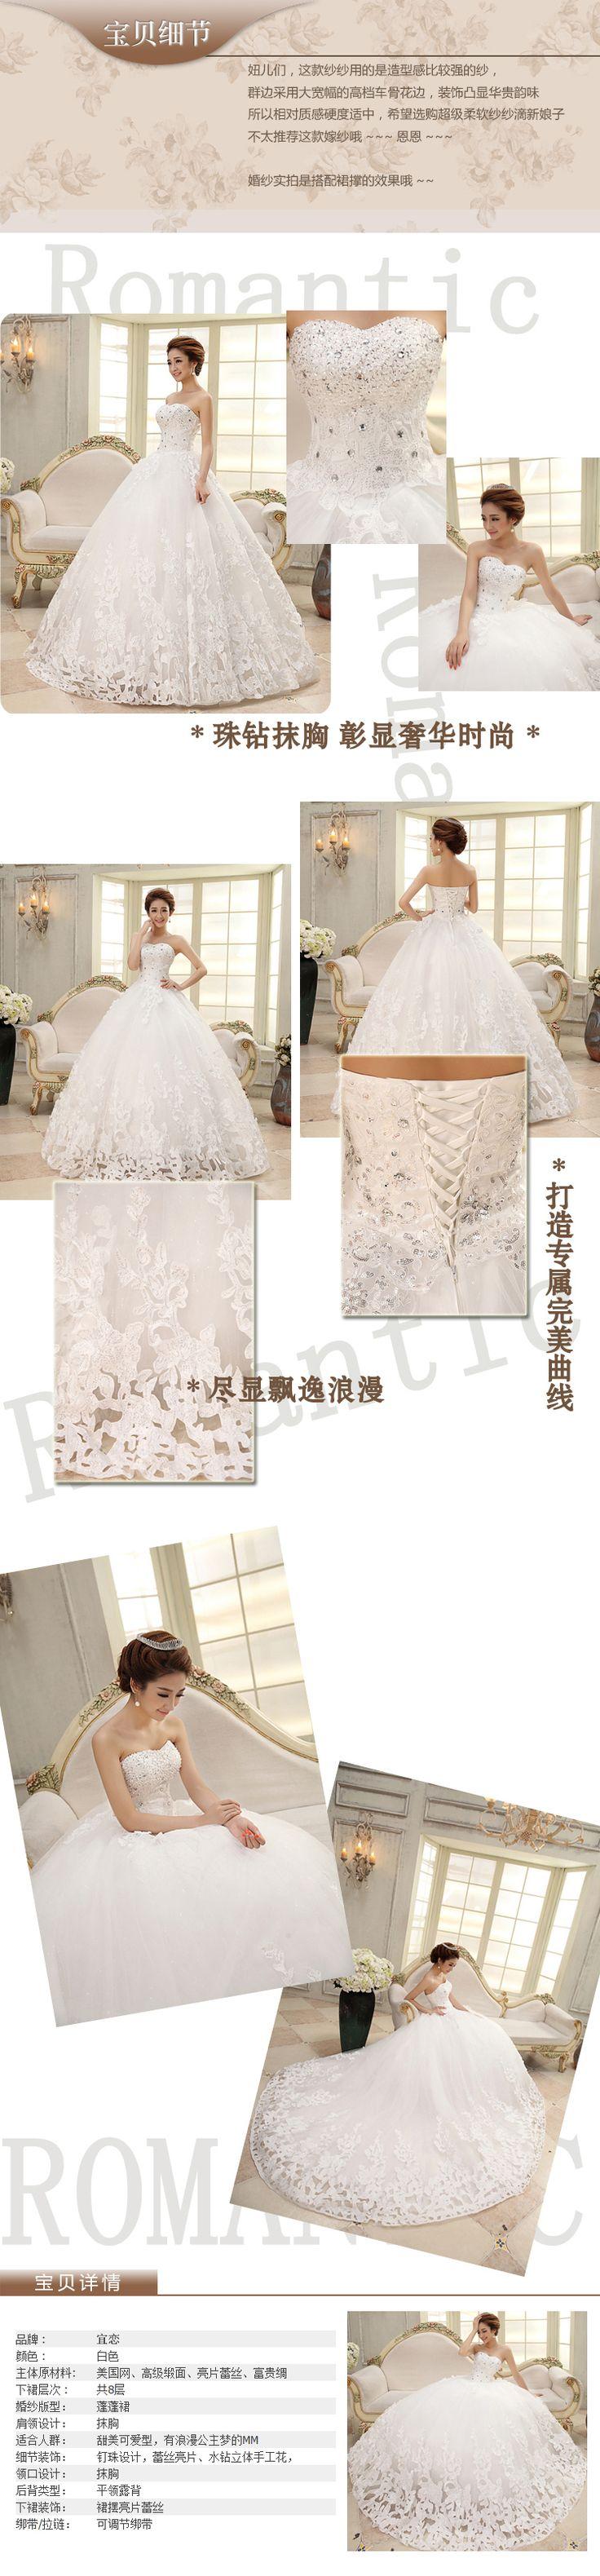 W-10 невесты свадебные платья красивые рукавов элегантный сладкий принцесса…